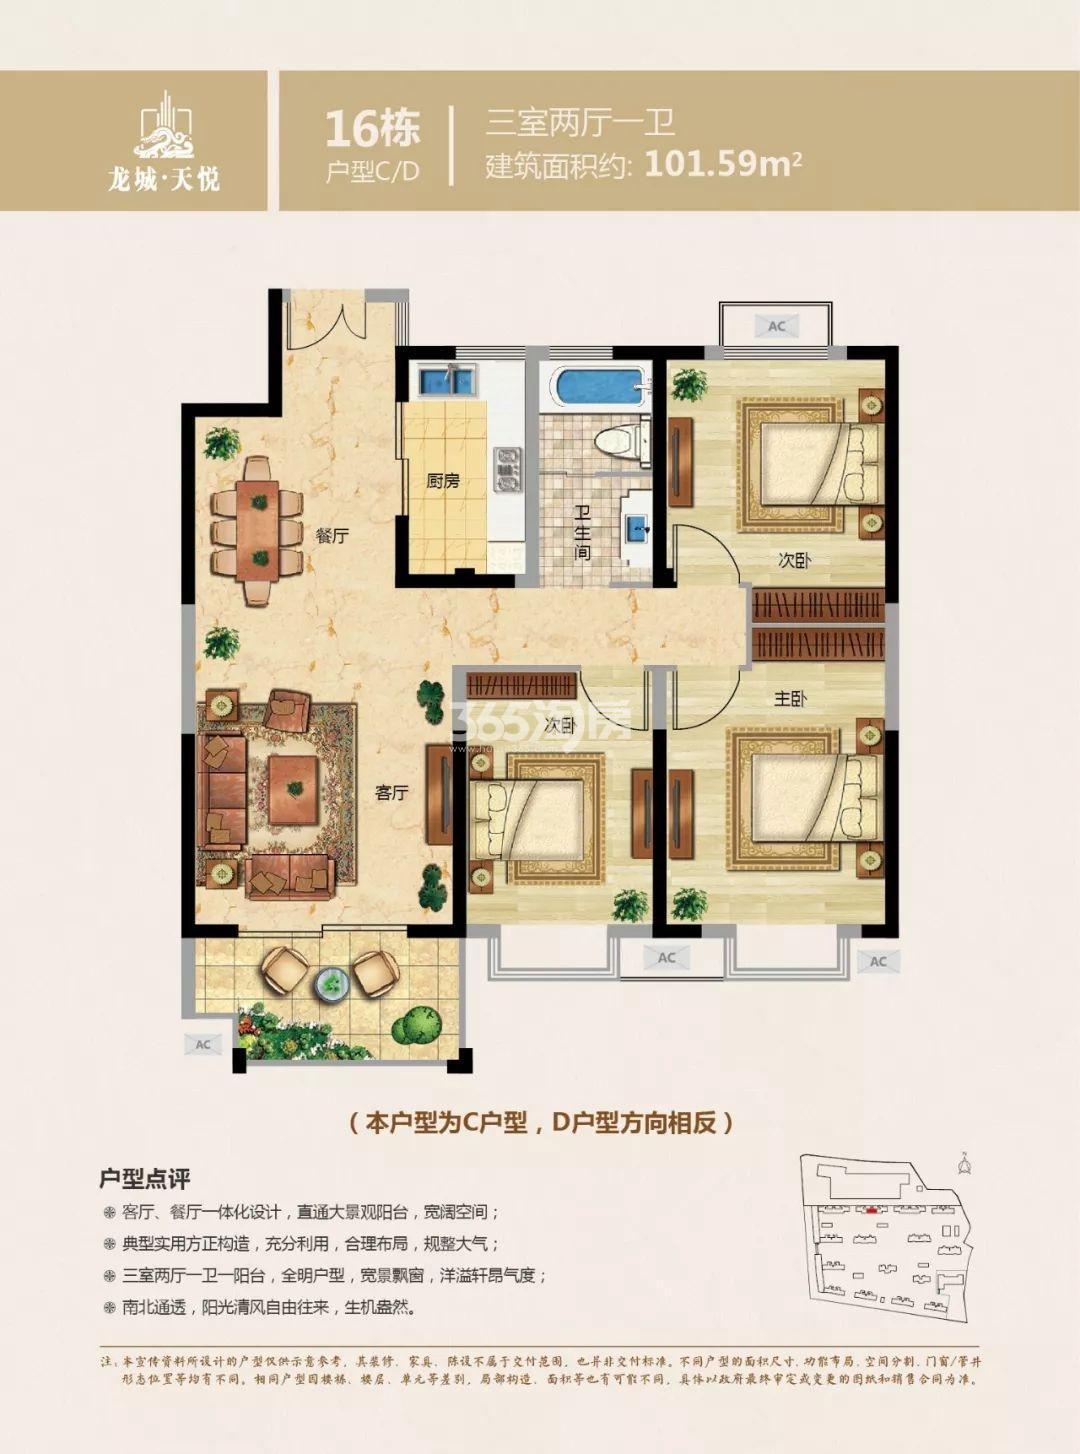 16栋 C/D 户型 3室2厅1卫 101.59㎡